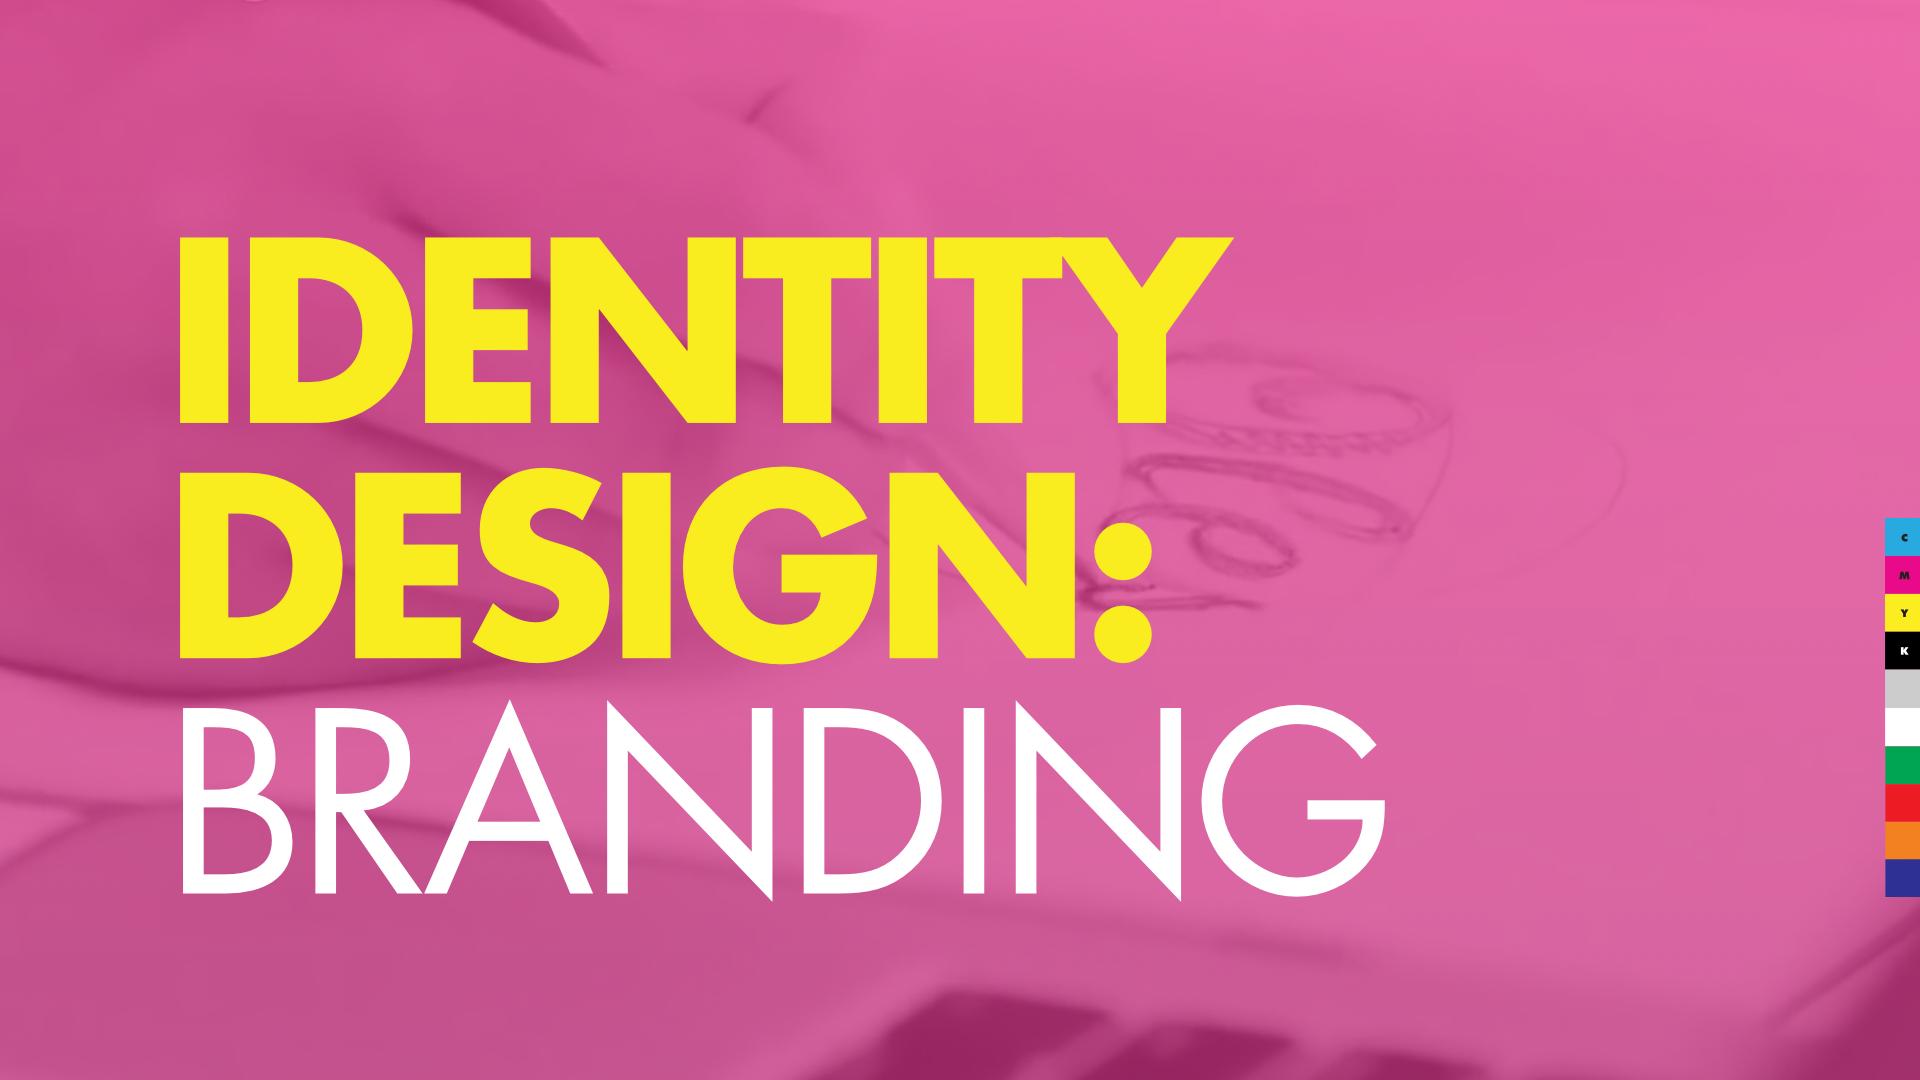 身份设计:品牌